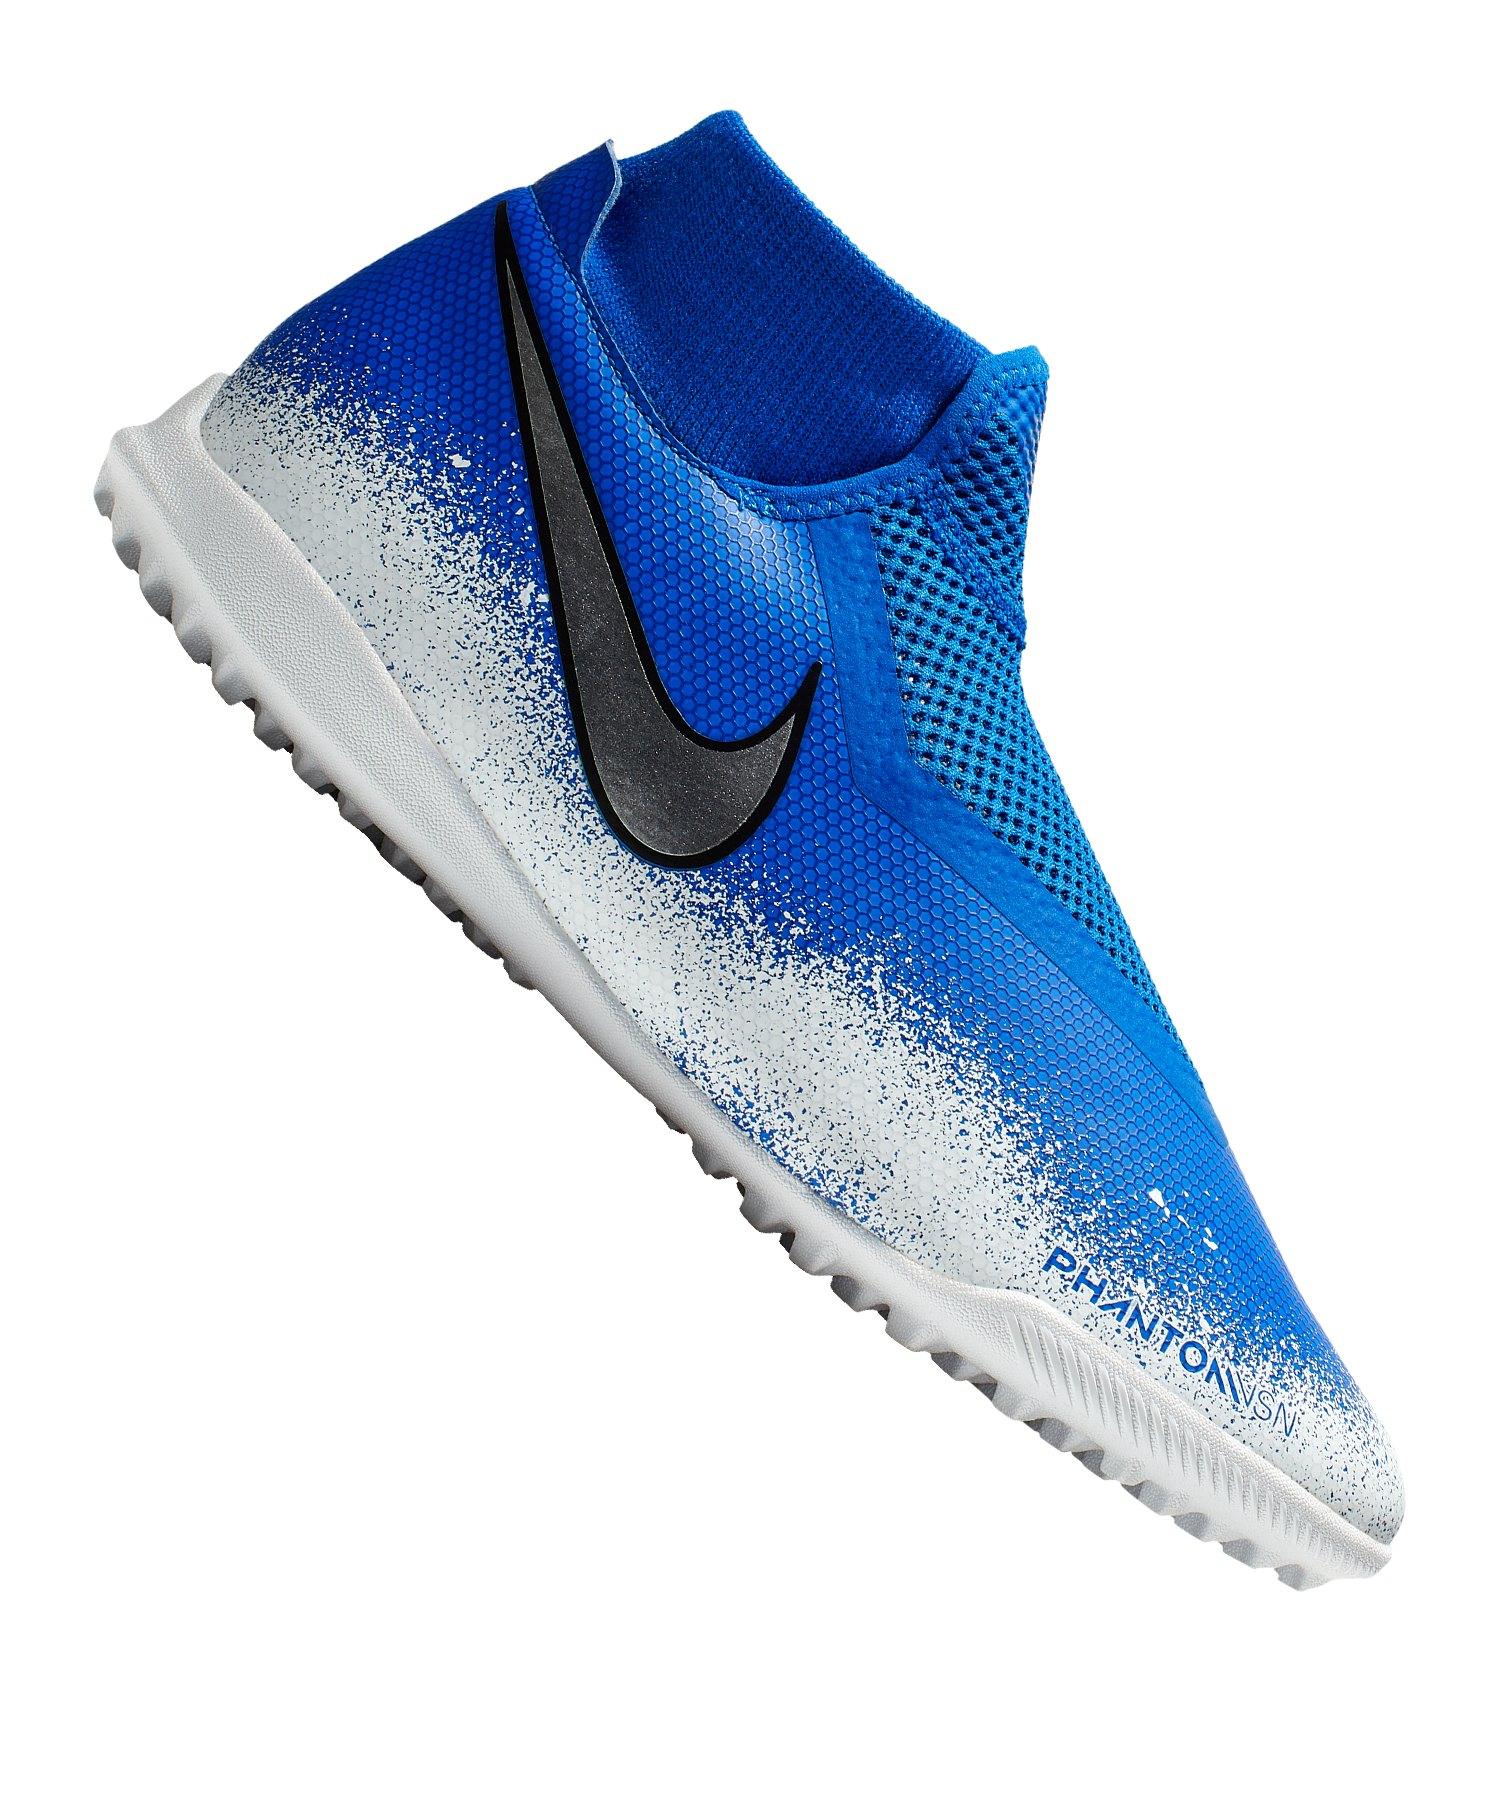 Nike Phantom Vision Academy DF TF F410 - blau